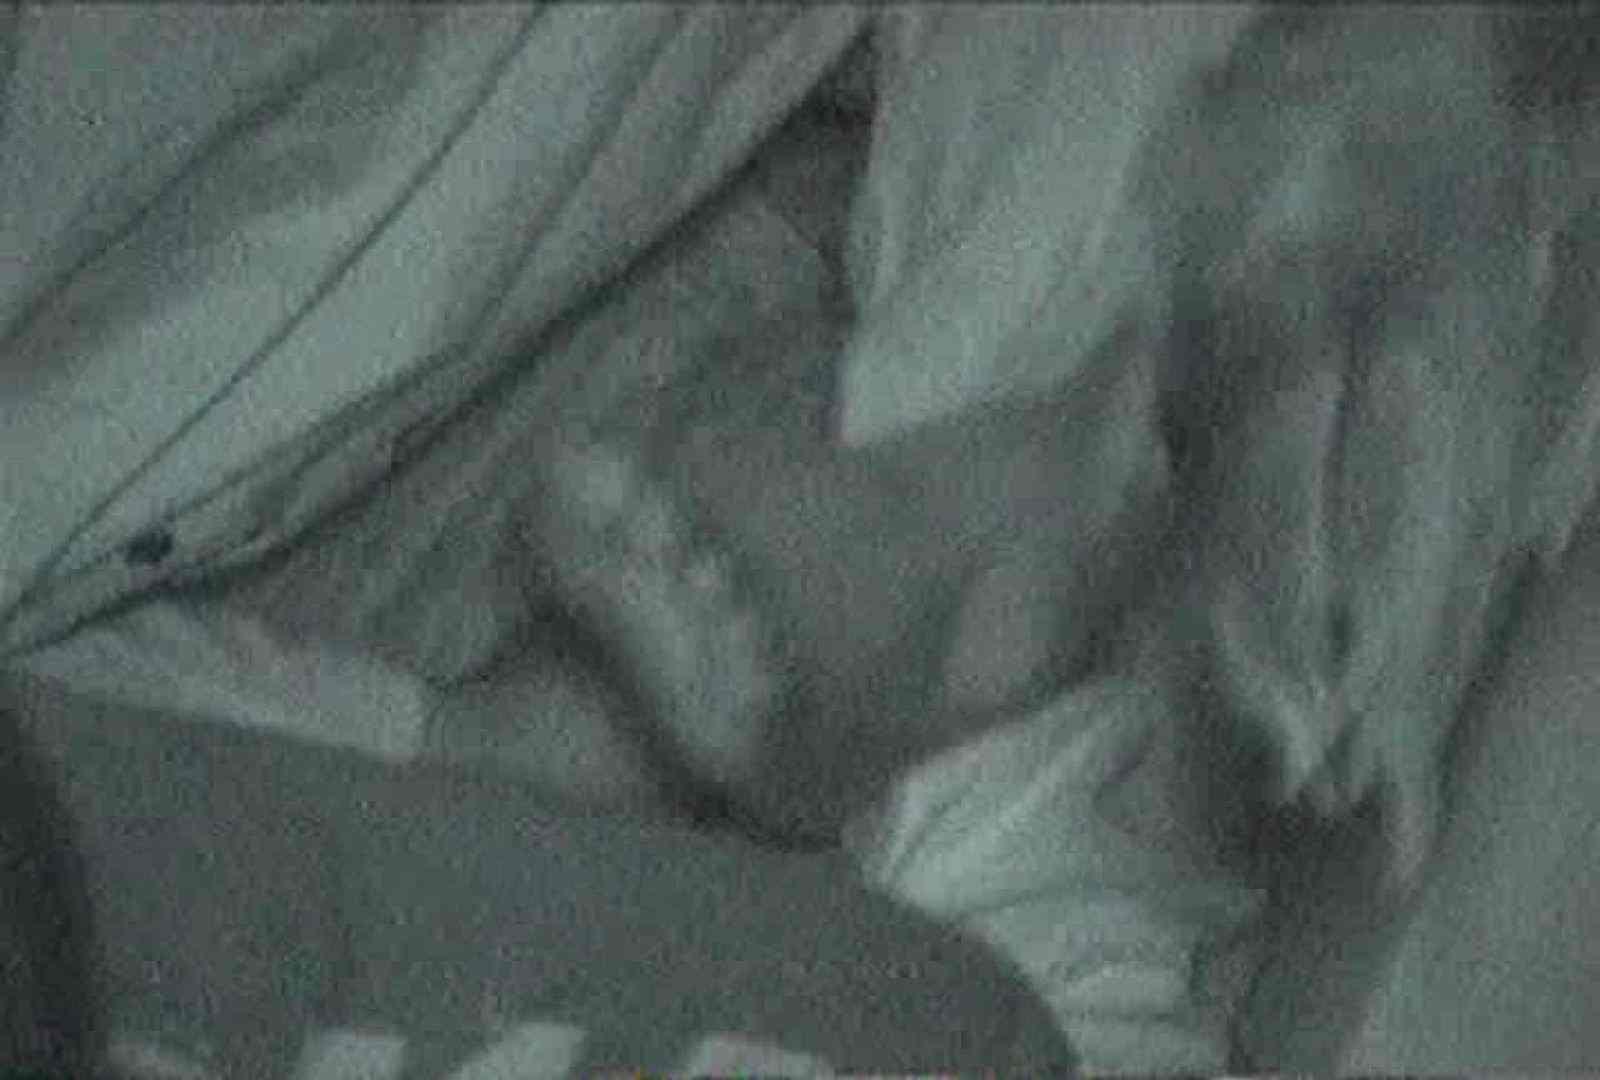 充血監督の深夜の運動会Vol.84 OLエロ画像  30PICs 9